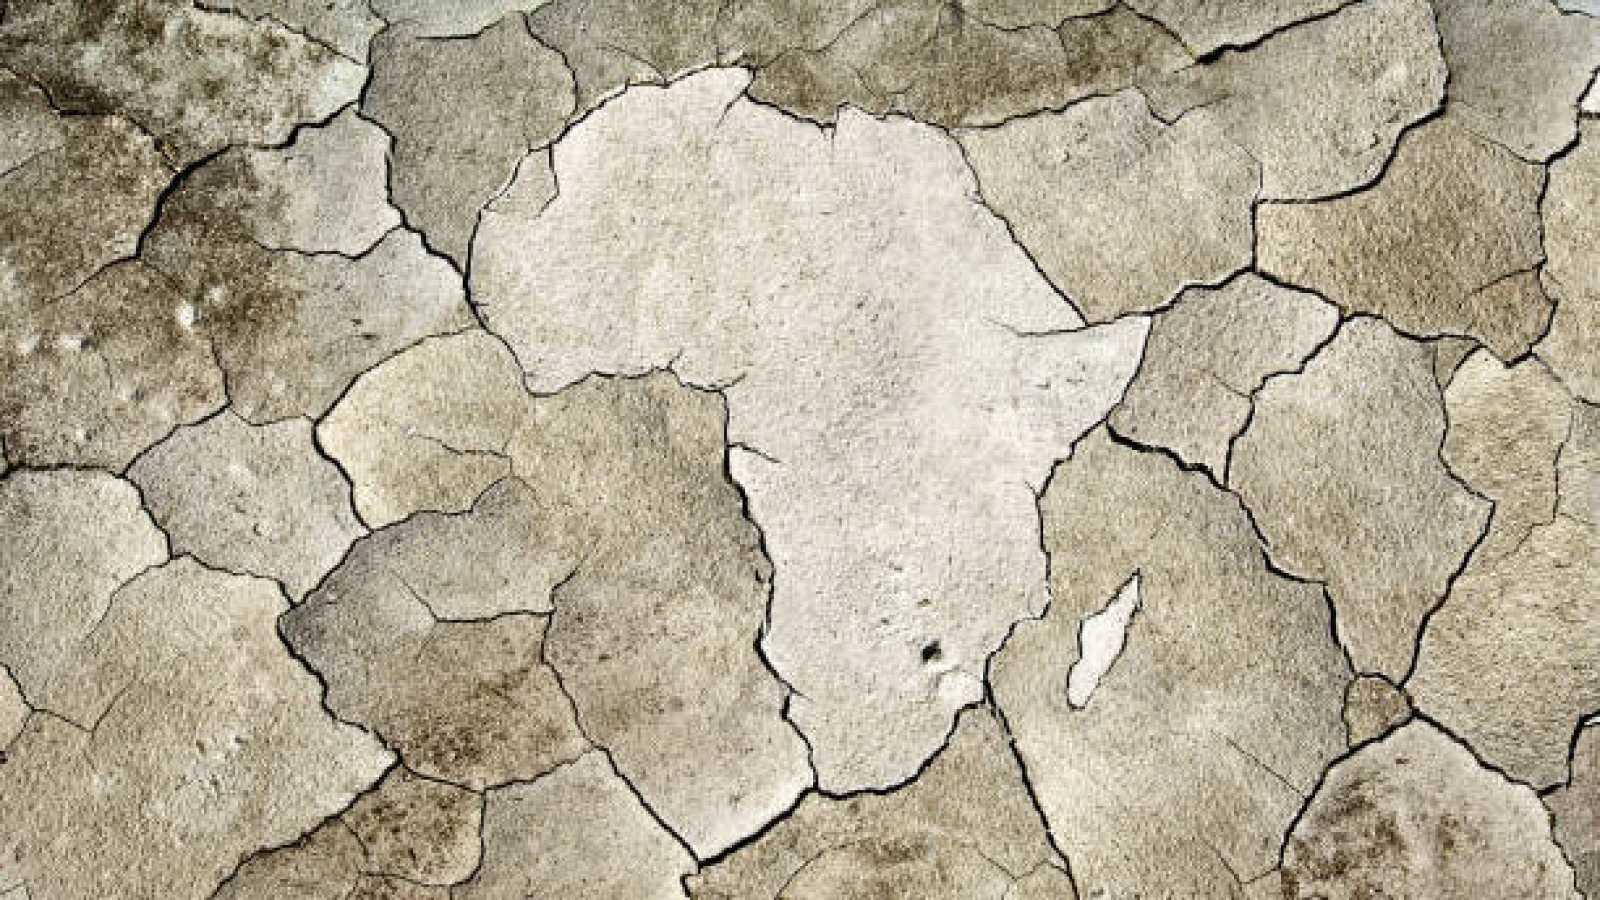 África hoy - África y el cambio climático - 24/11/20 - escuchar ahora